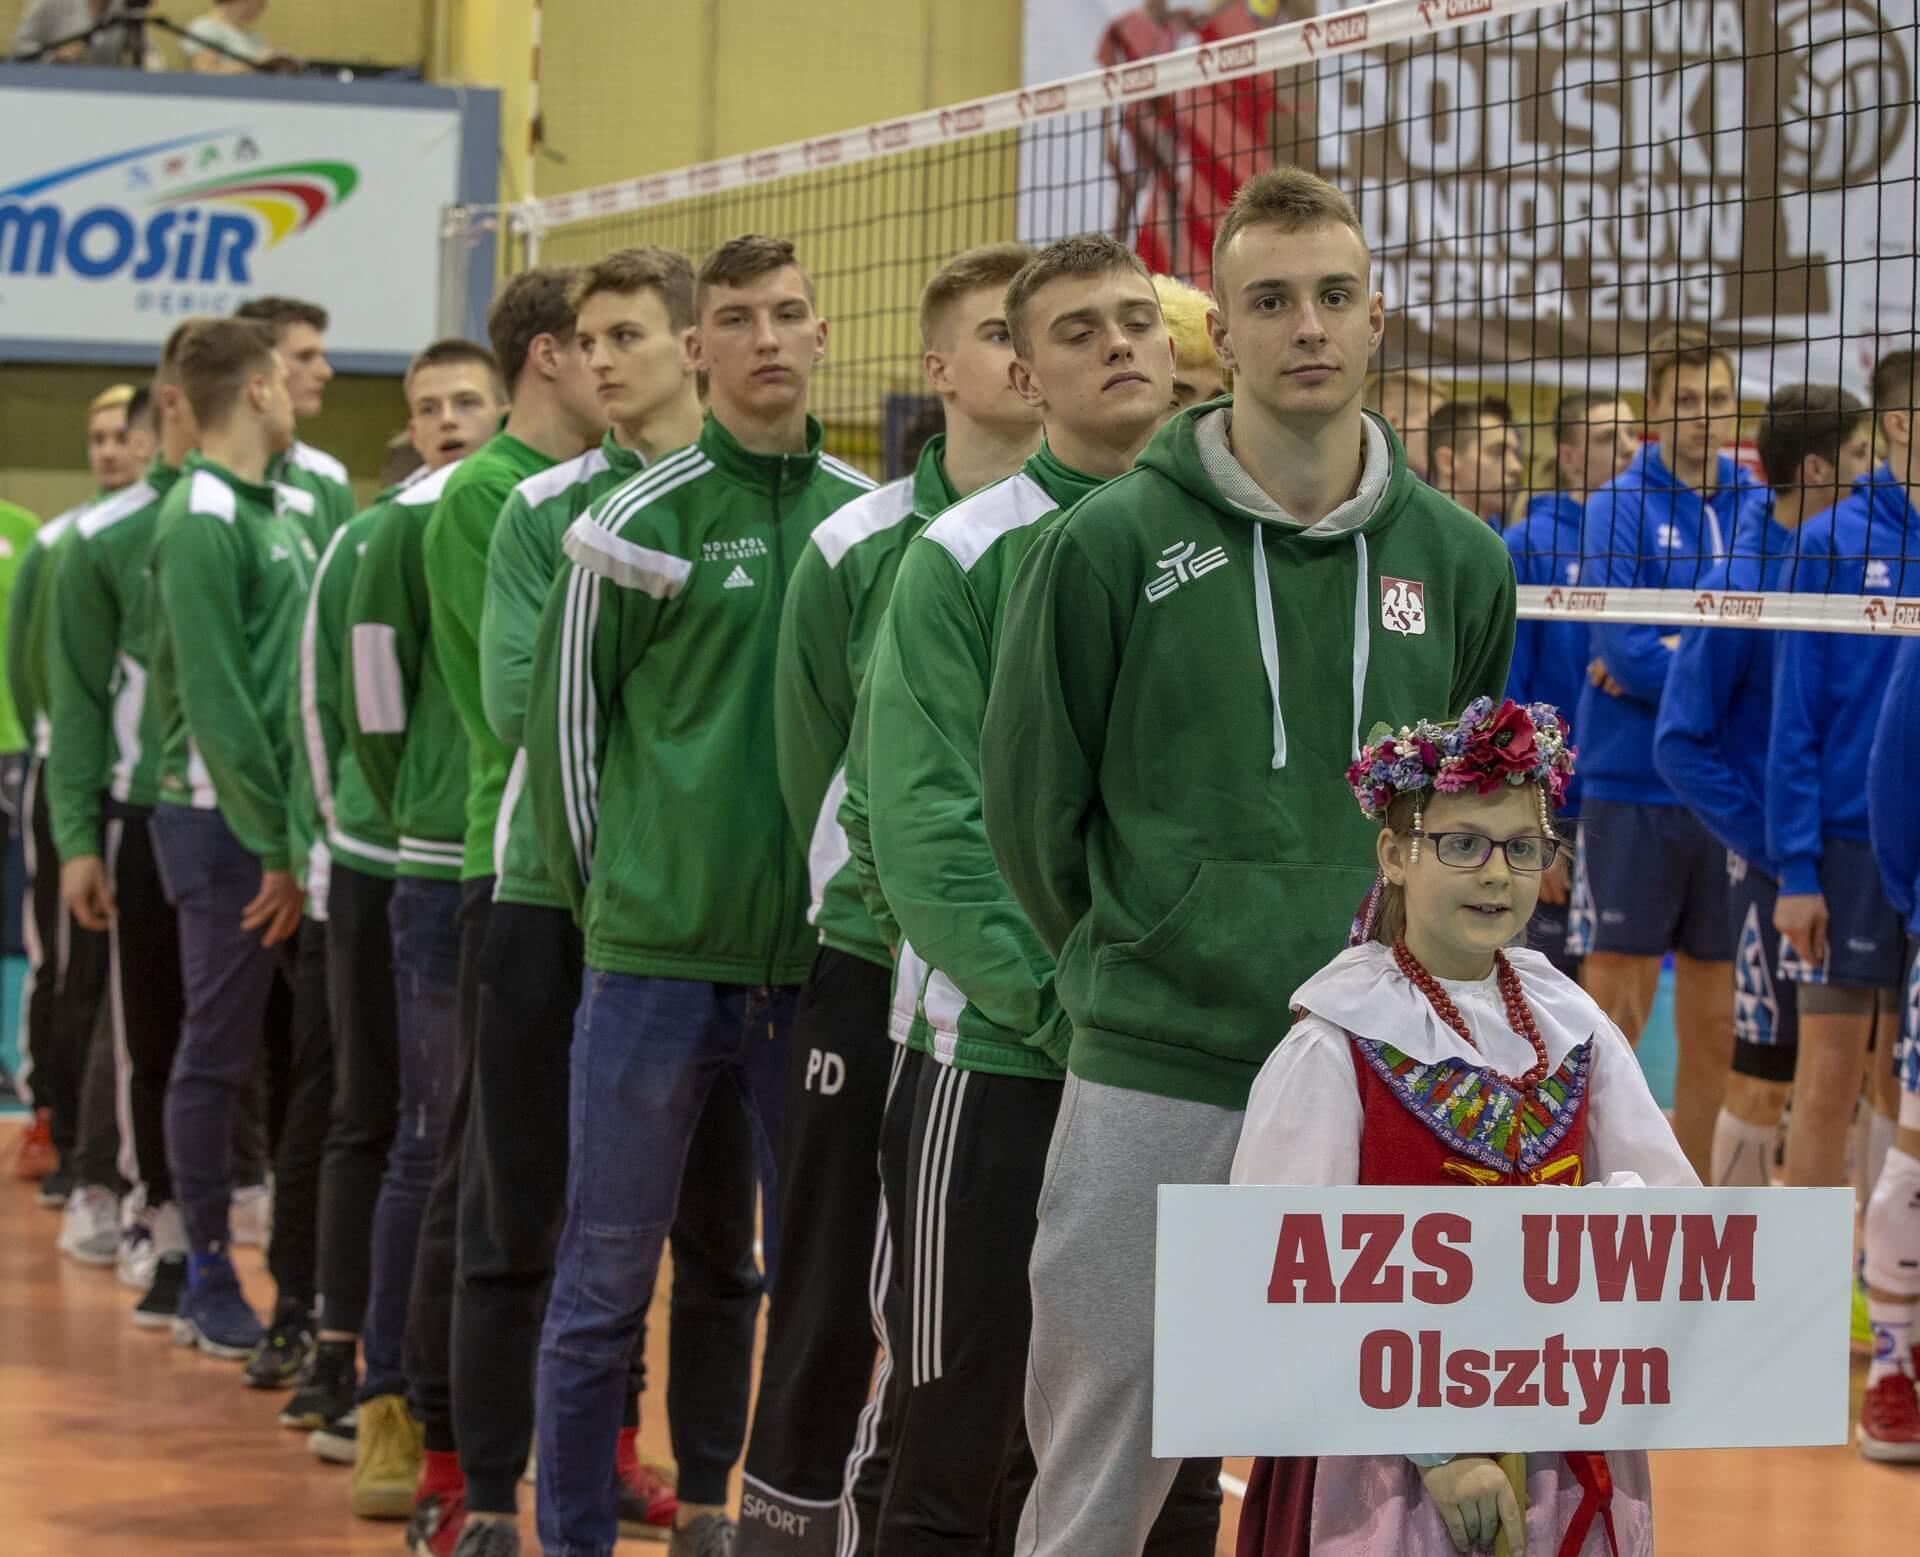 Fot. pzps.pl